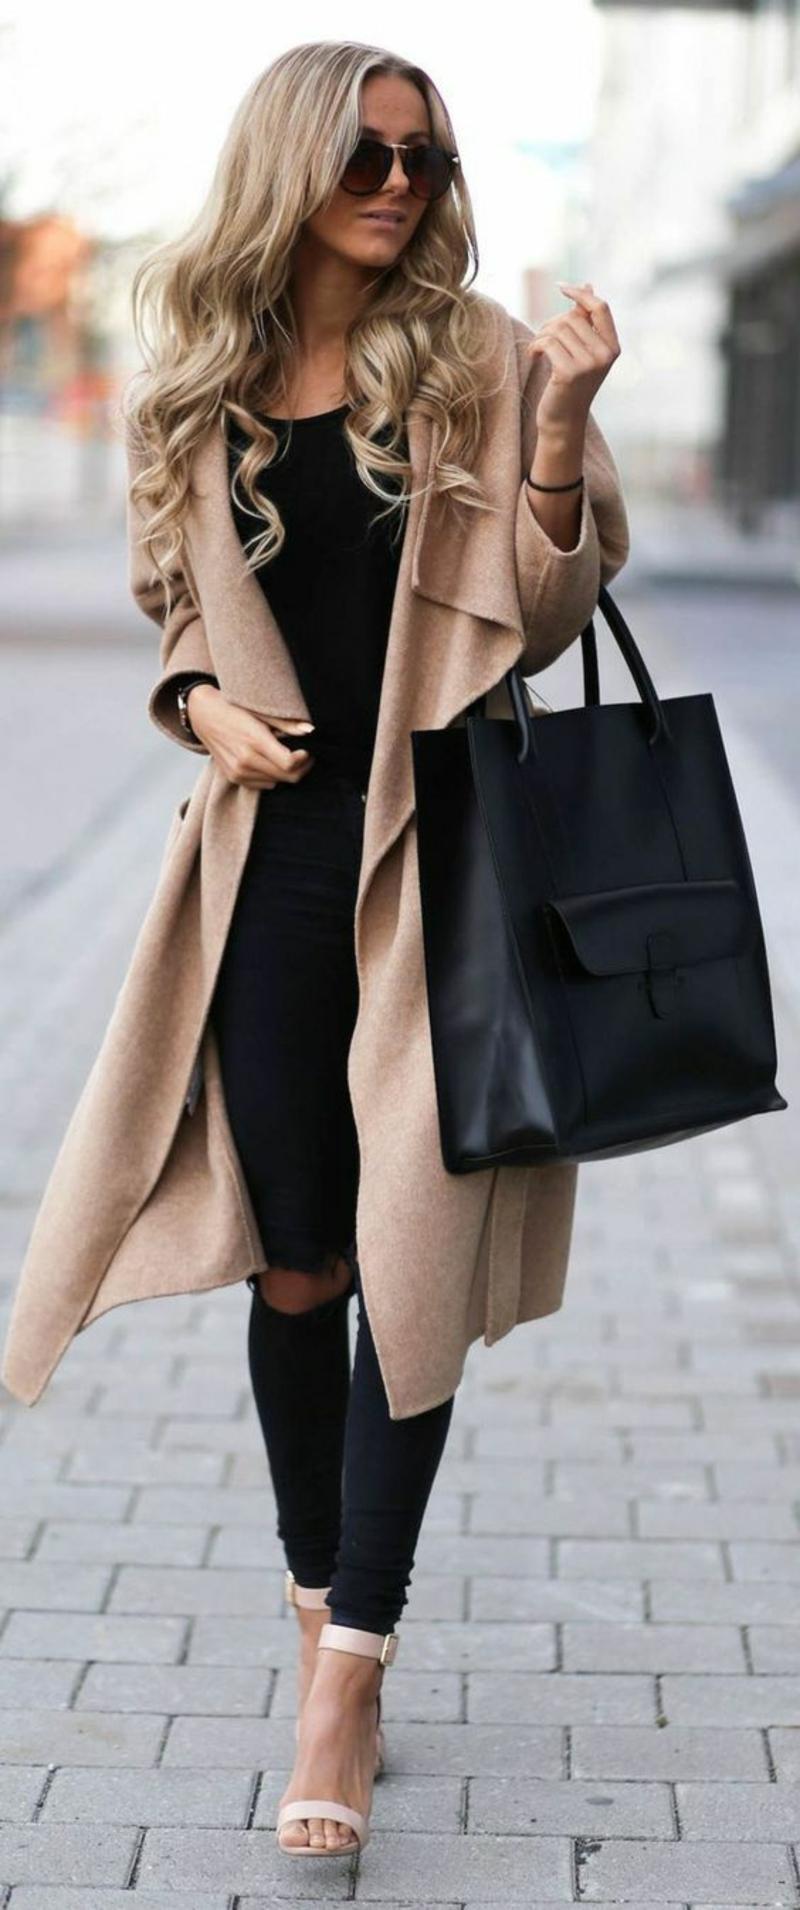 aktuelle Modetrends 2016 Farbtrends beige Mantel